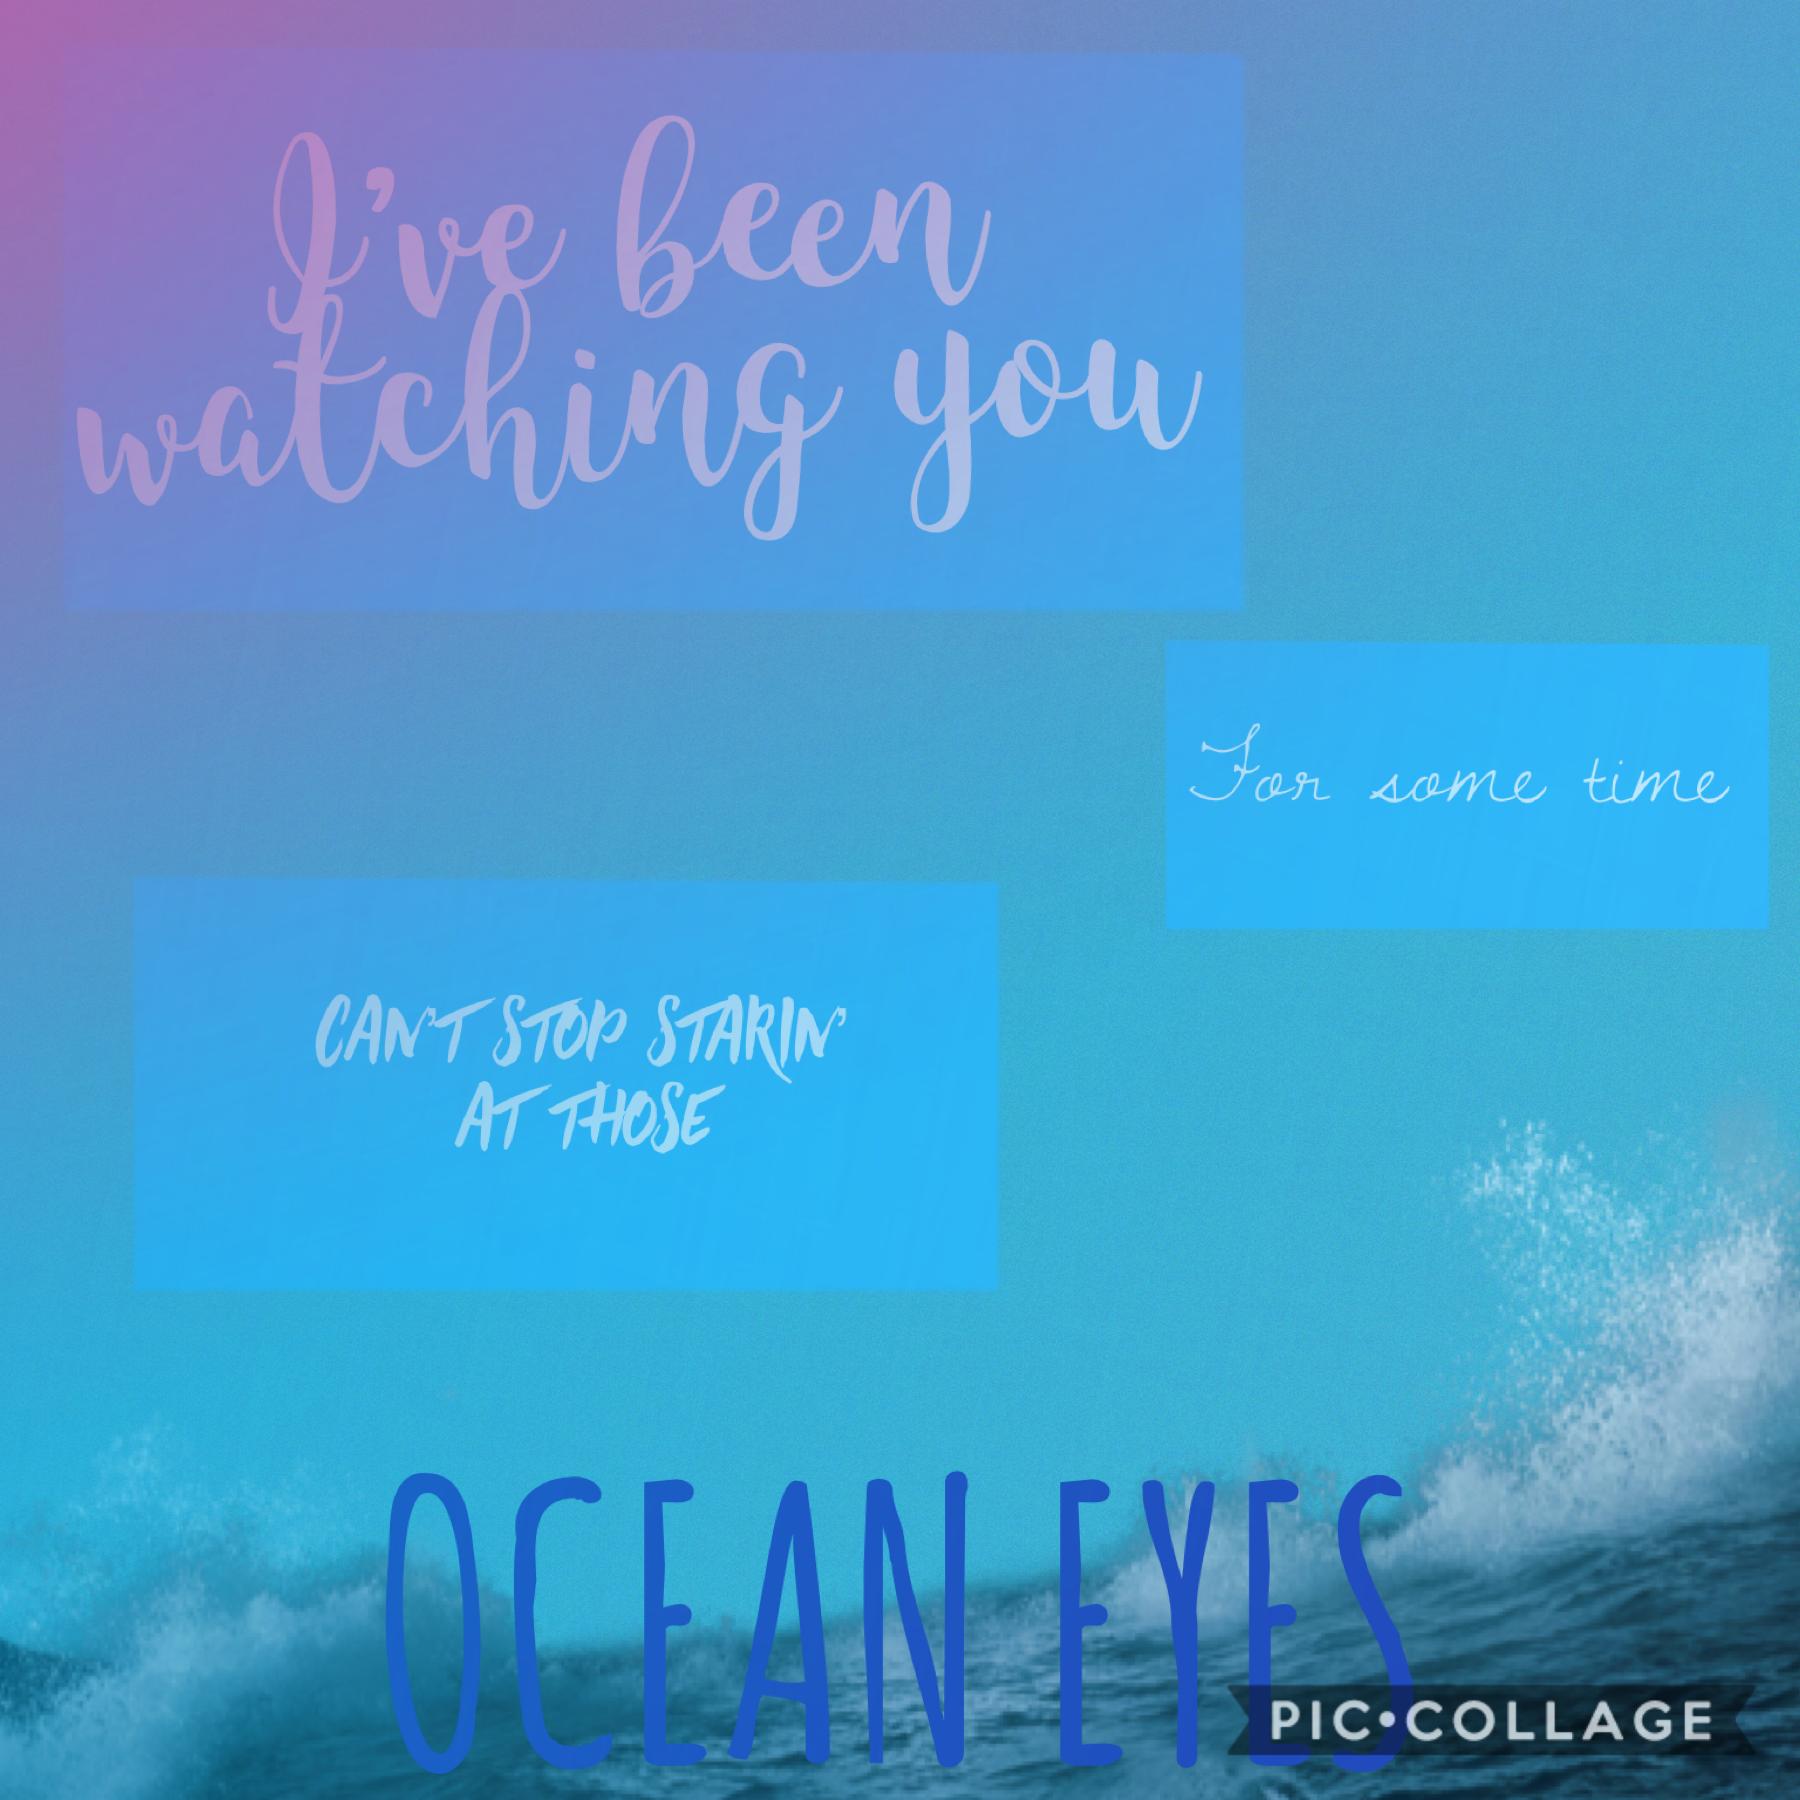 OCEAN EYES BY BILLIE EYLISH